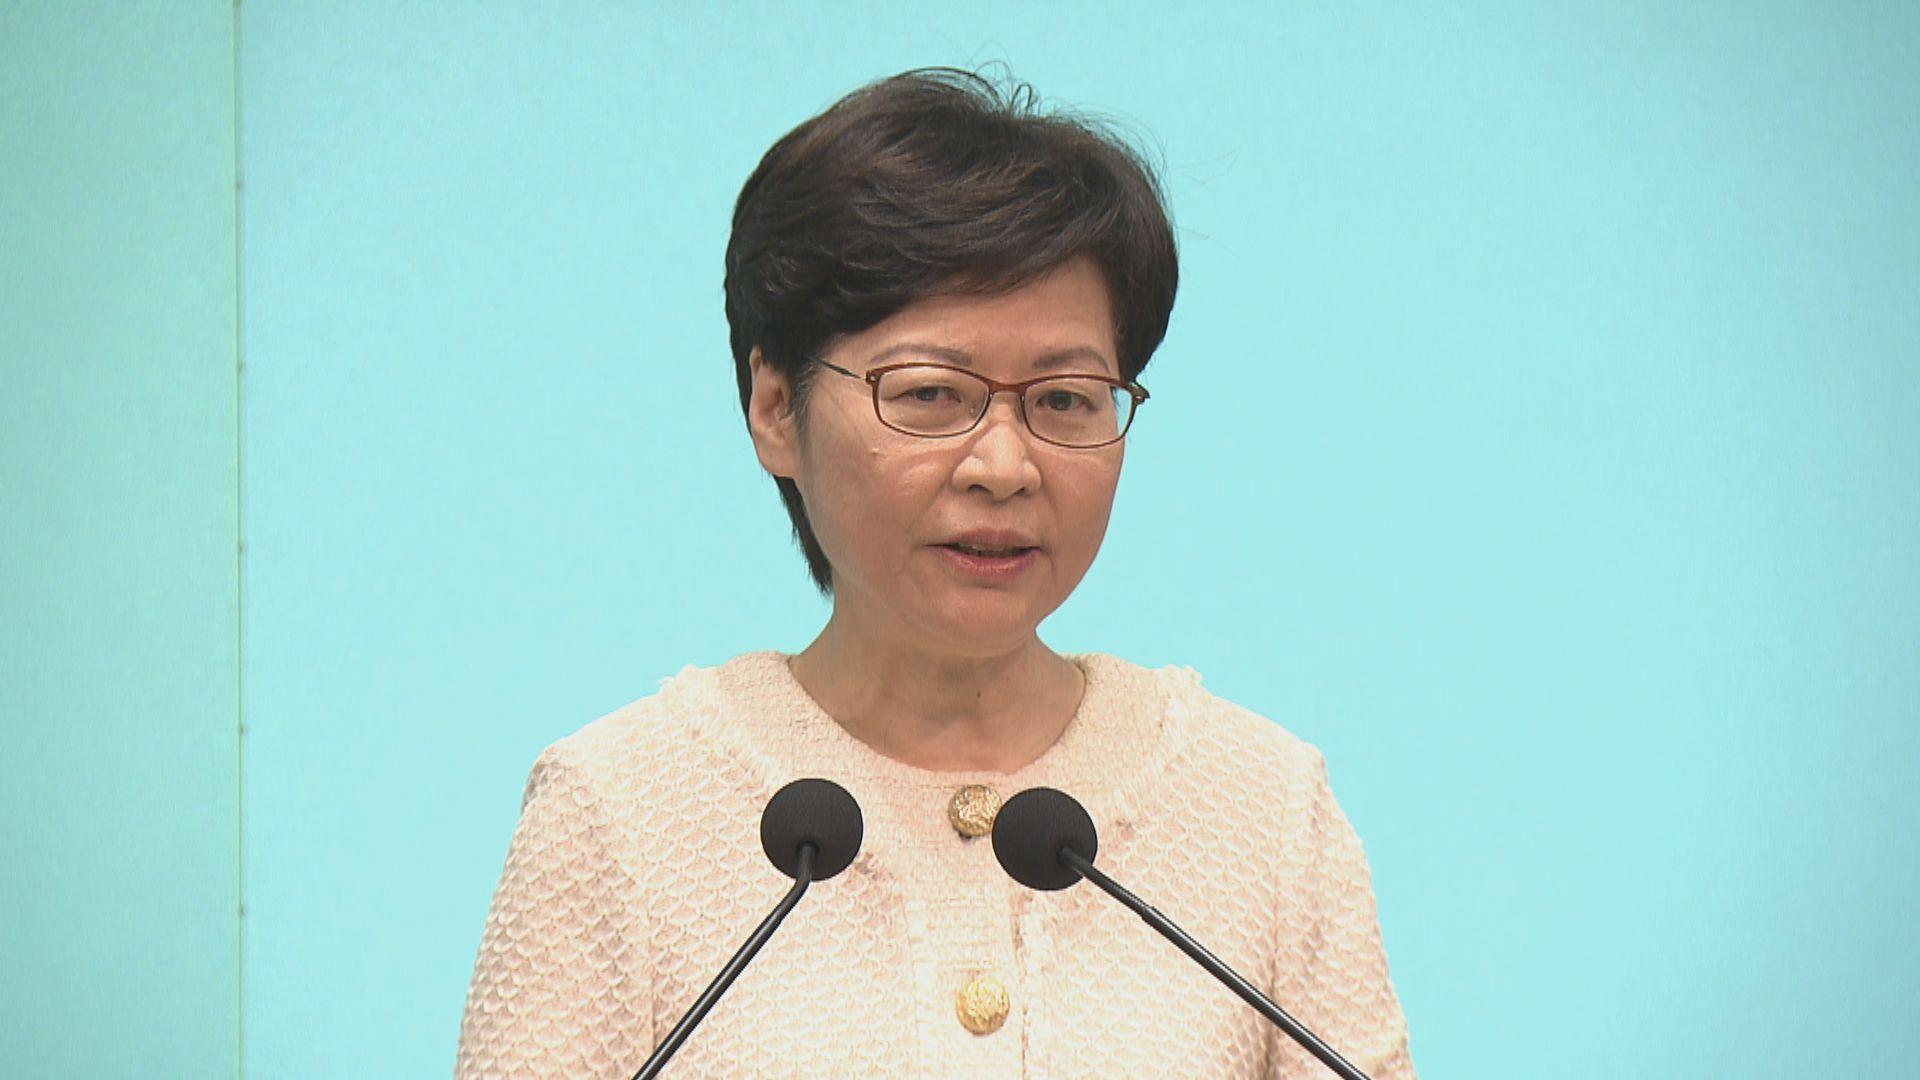 林鄭:政黨不參政存在價值存疑